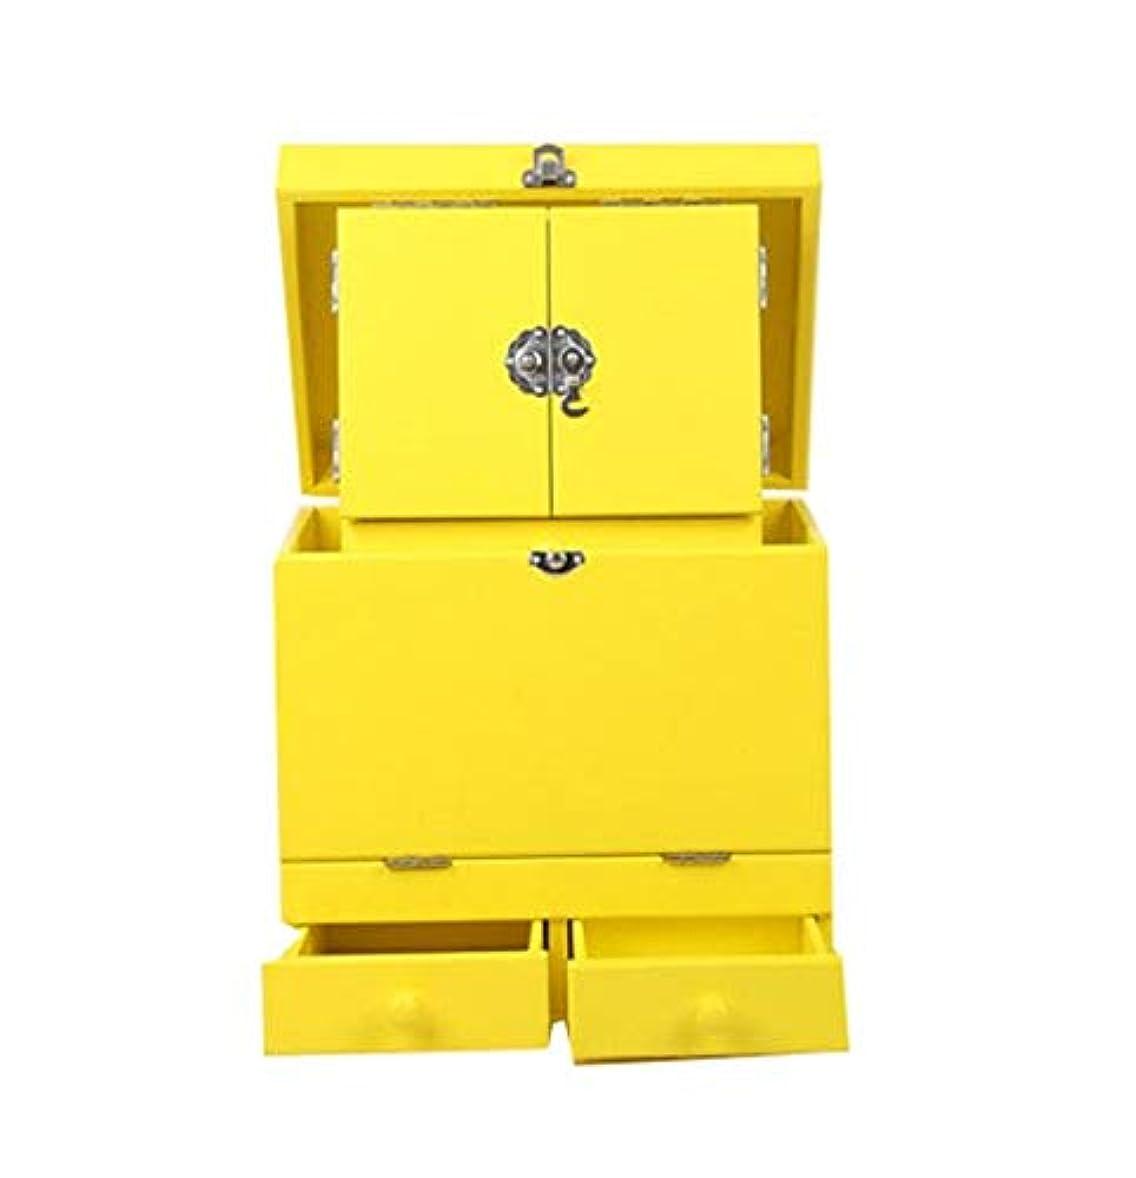 ジョグマダム注釈を付ける化粧箱、黄色のダブルデッカーヴィンテージ木製彫刻が施された化粧ケース、ミラー、高級ウェディングギフト、新築祝いギフト、美容ネイルジュエリー収納ボックス